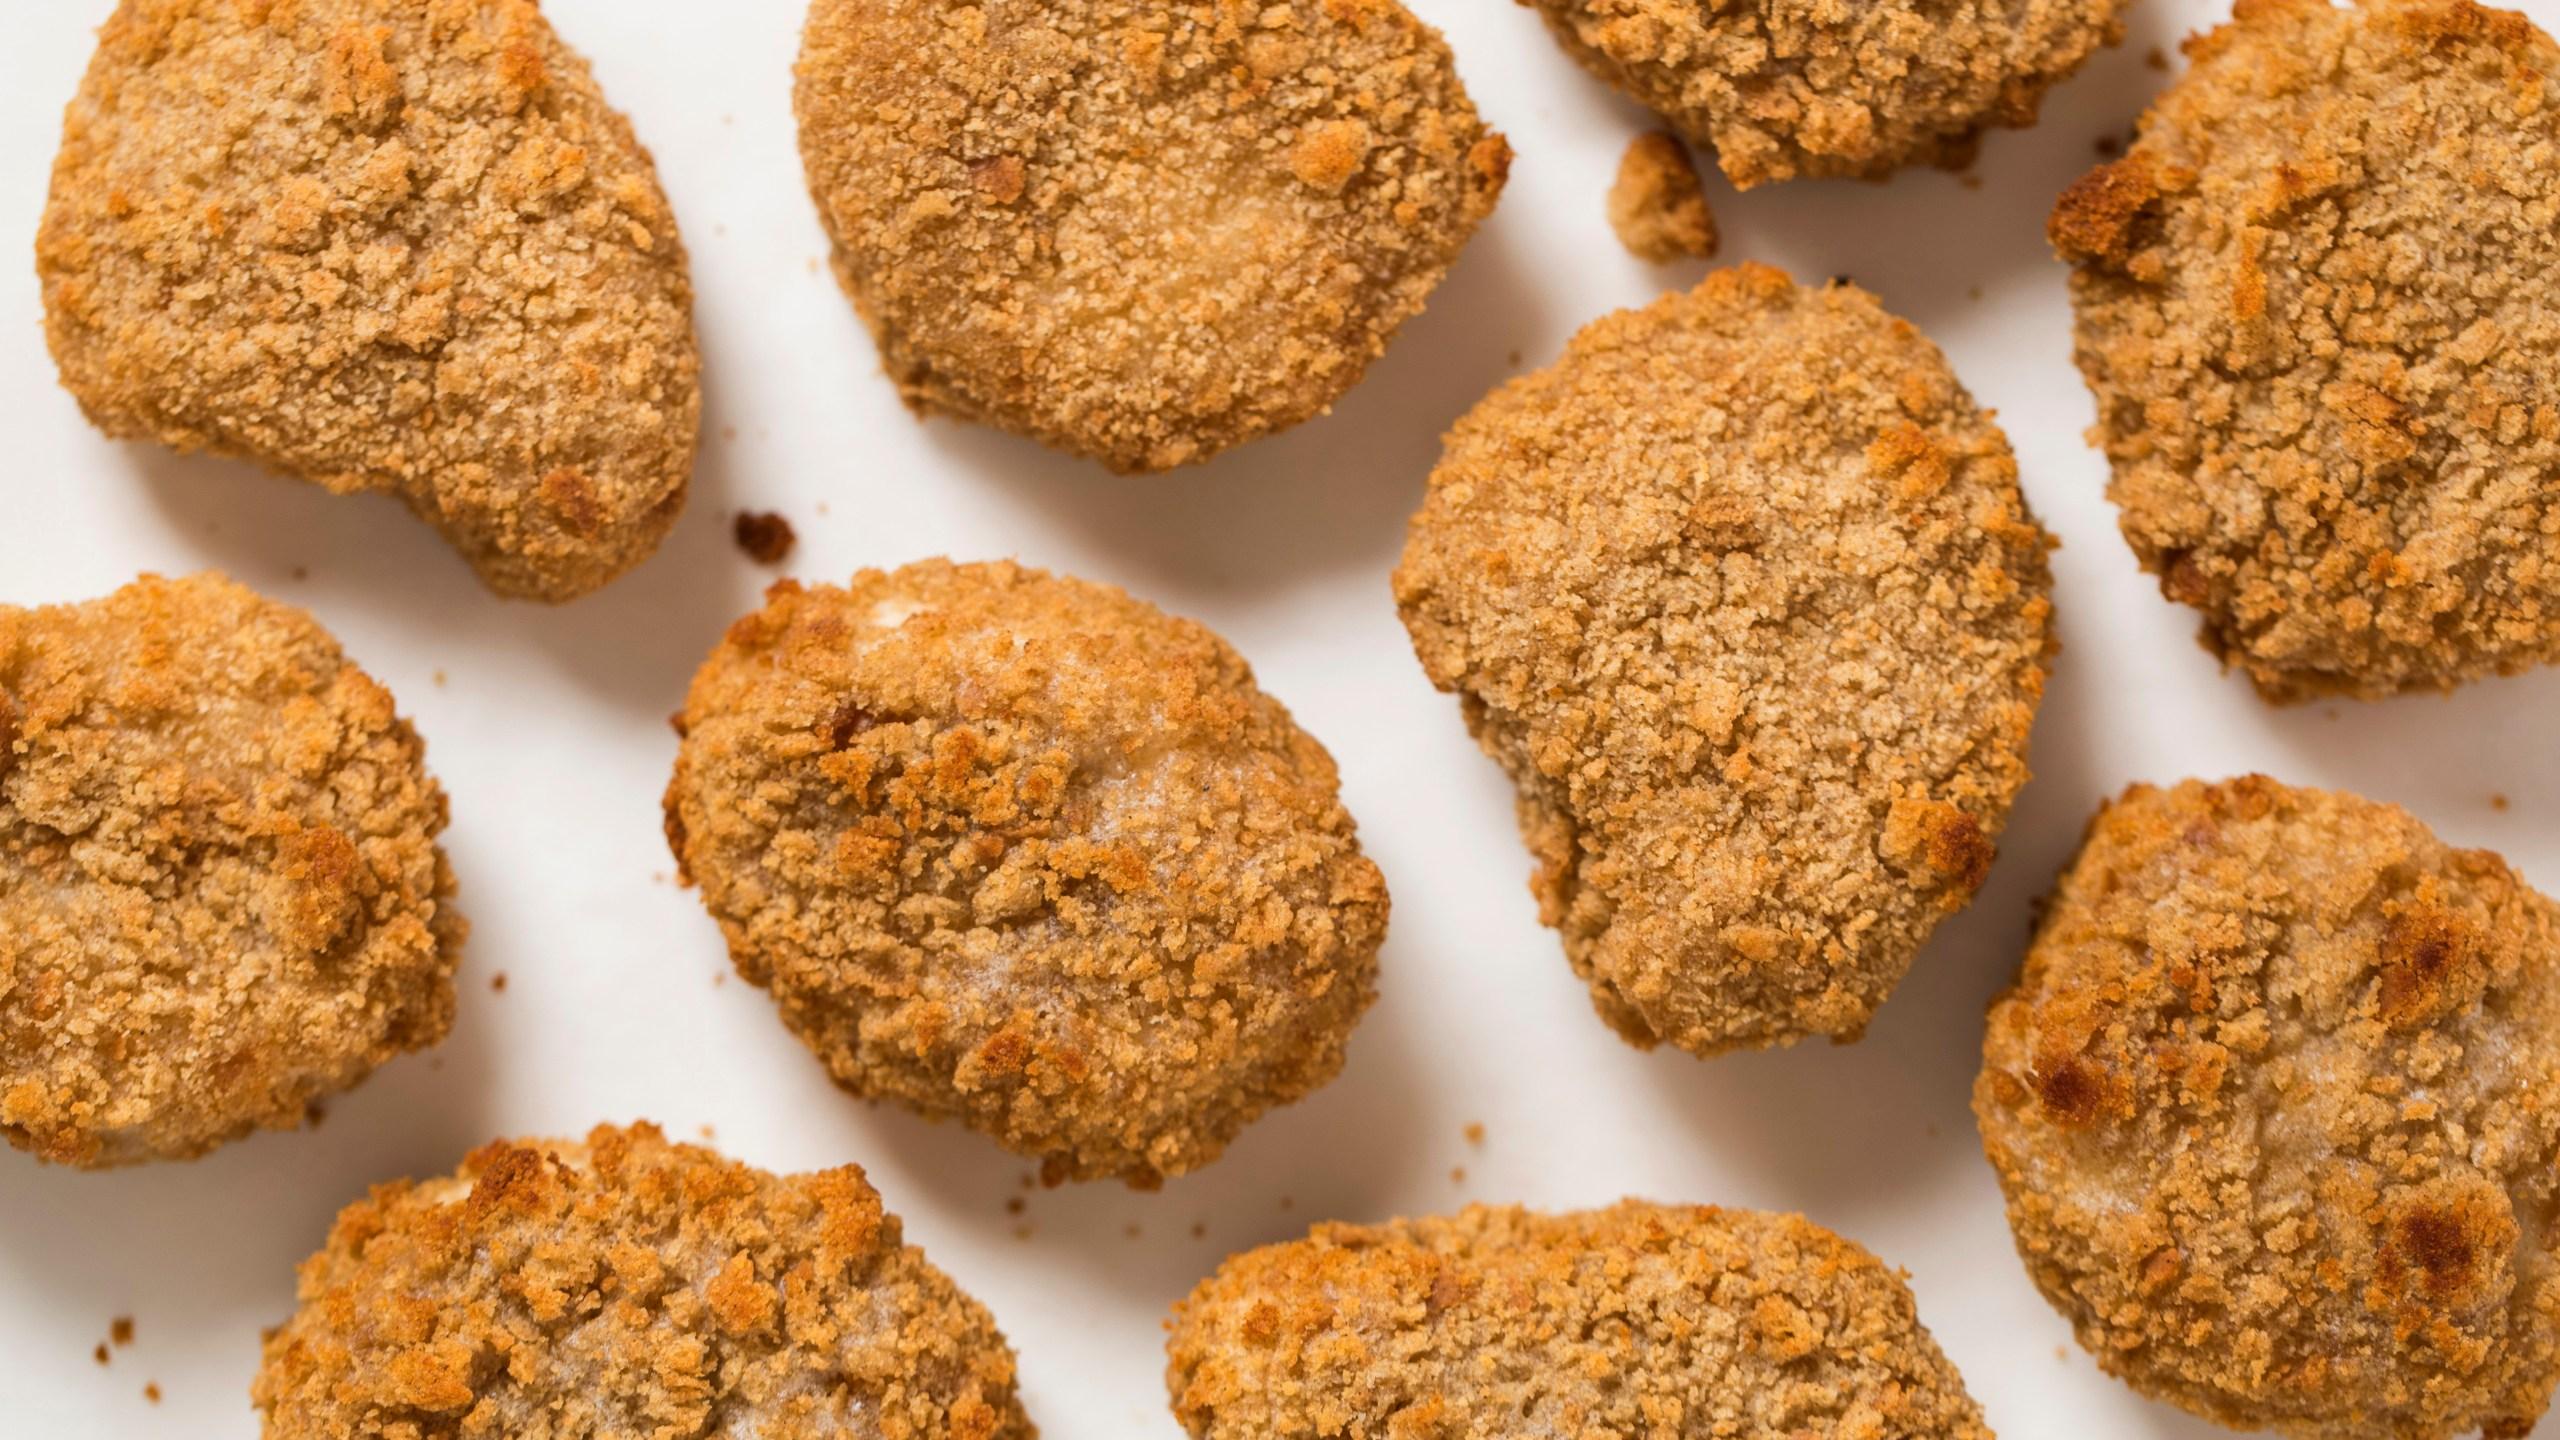 chicken nuggets 99324661_1547820918898